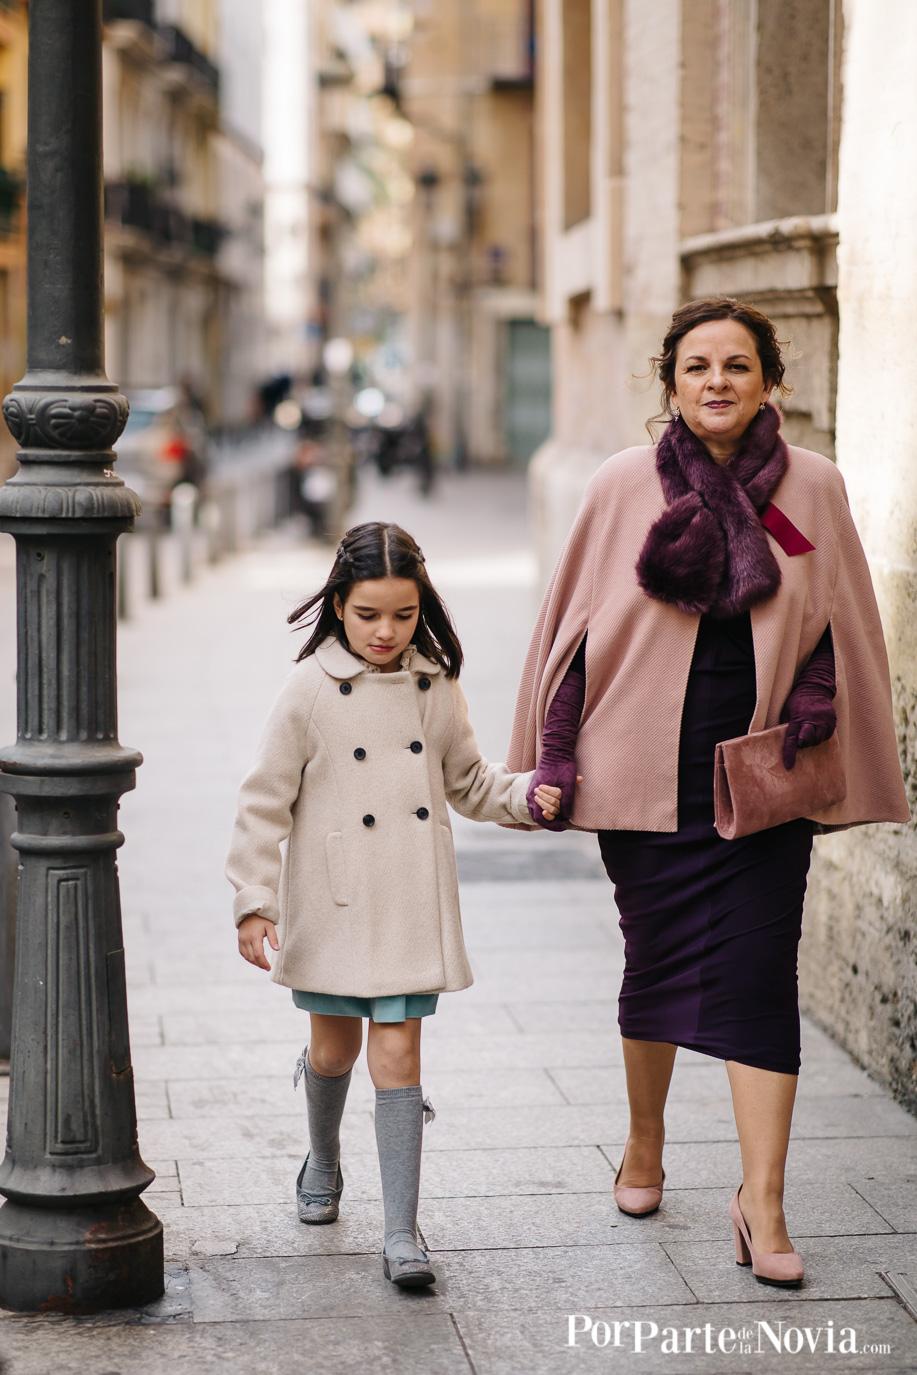 Maria y Jaime 0476 web.jpg